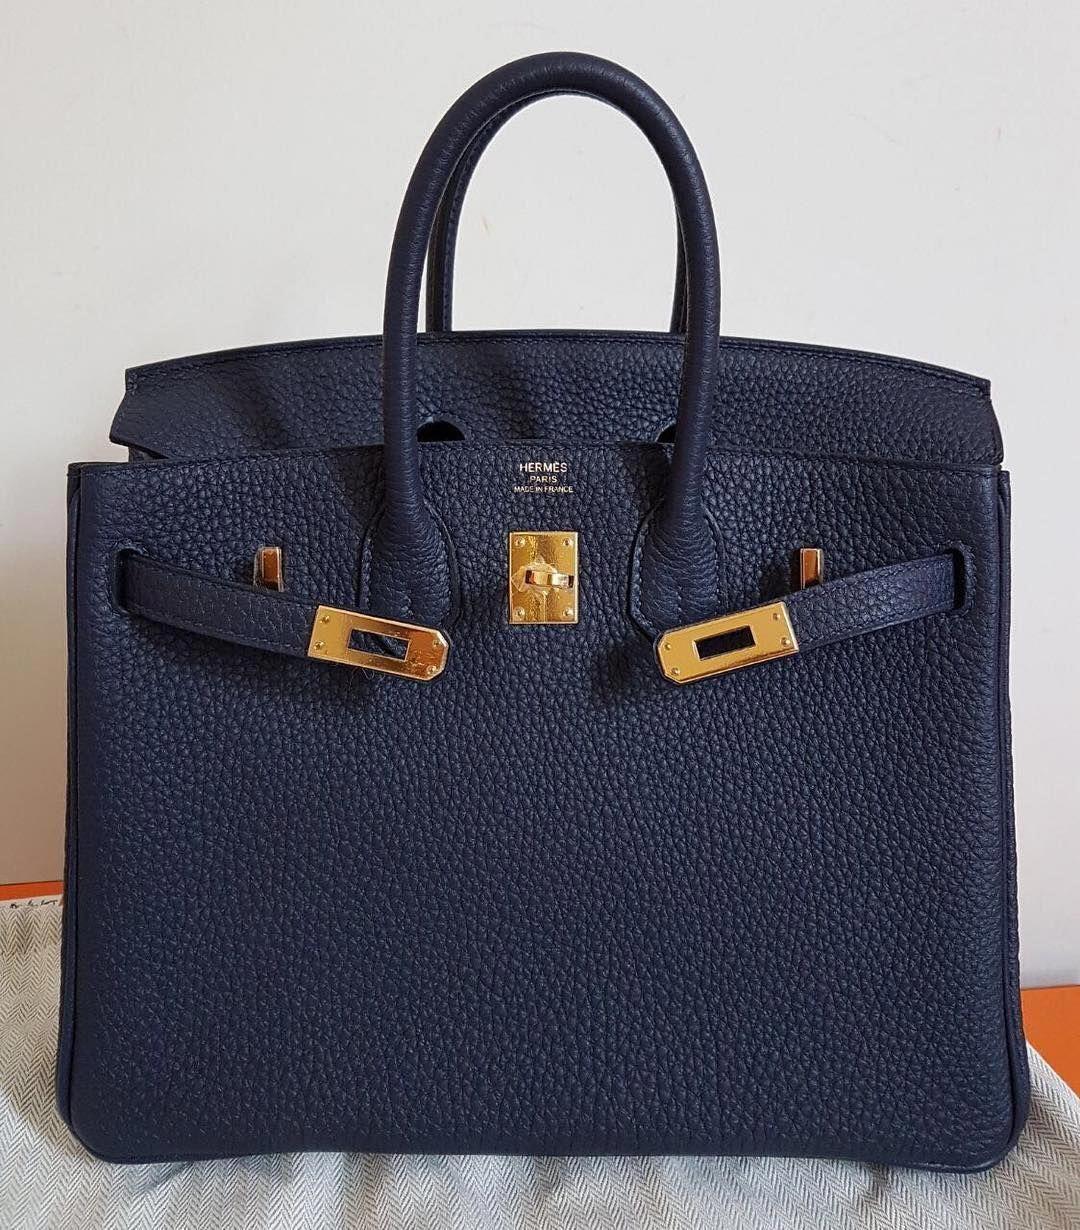 11549ac2b293fc Hermes Birkin25 Blue Nuit Togo Ghw A  Burberryhandbags Burberry Handbags,  Hermes Handbags, Luxury